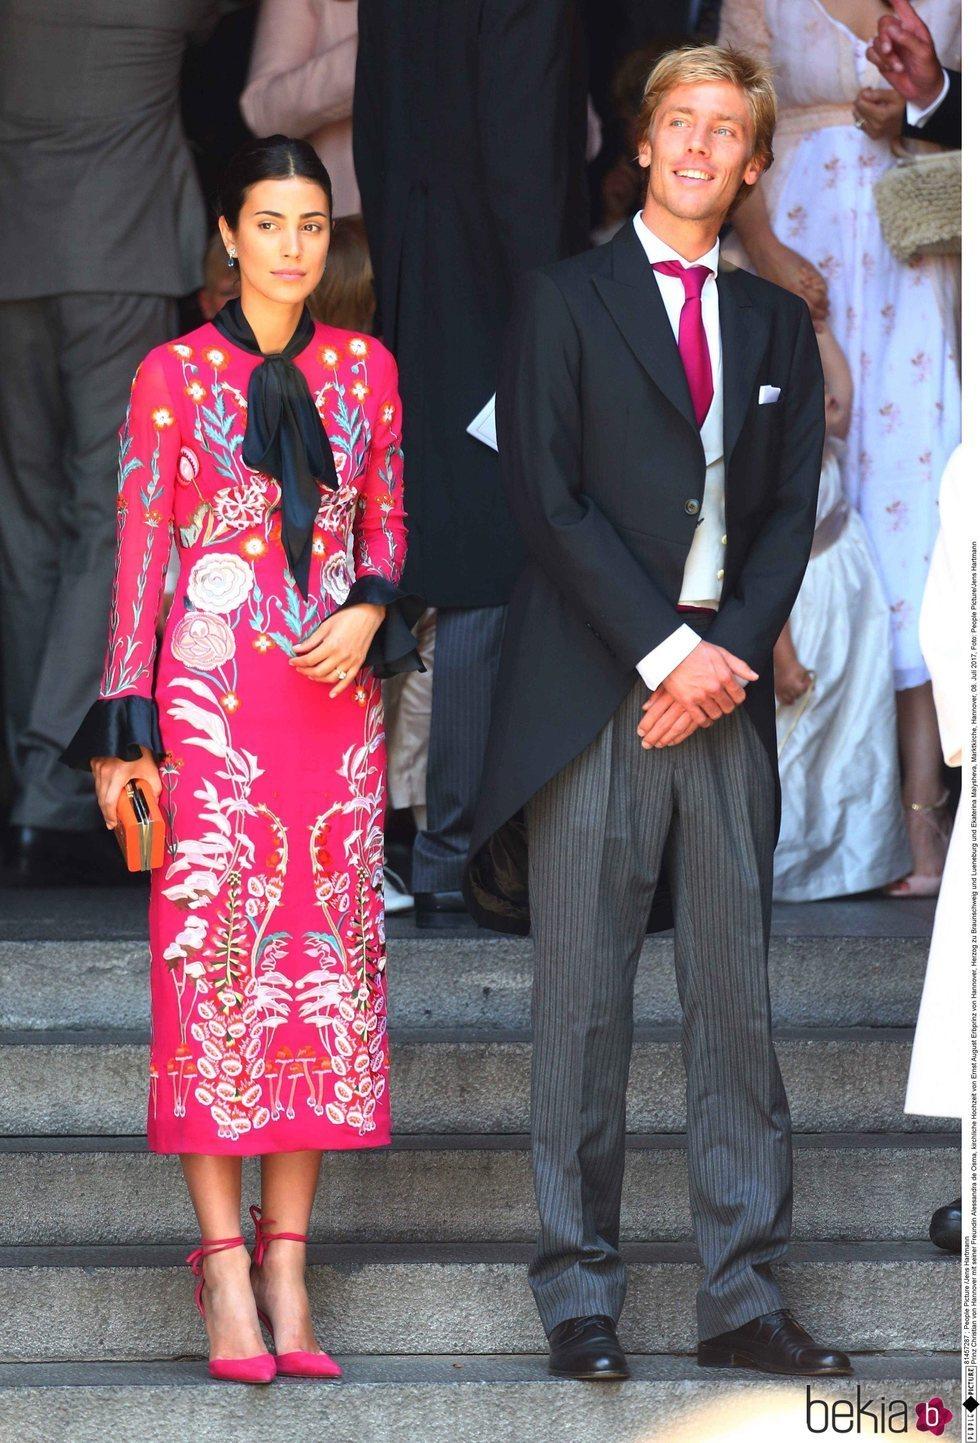 Christian de Hannover y Alessandra de Osma en la boda de Ernesto de Hannover y Ekaterina Malysheva